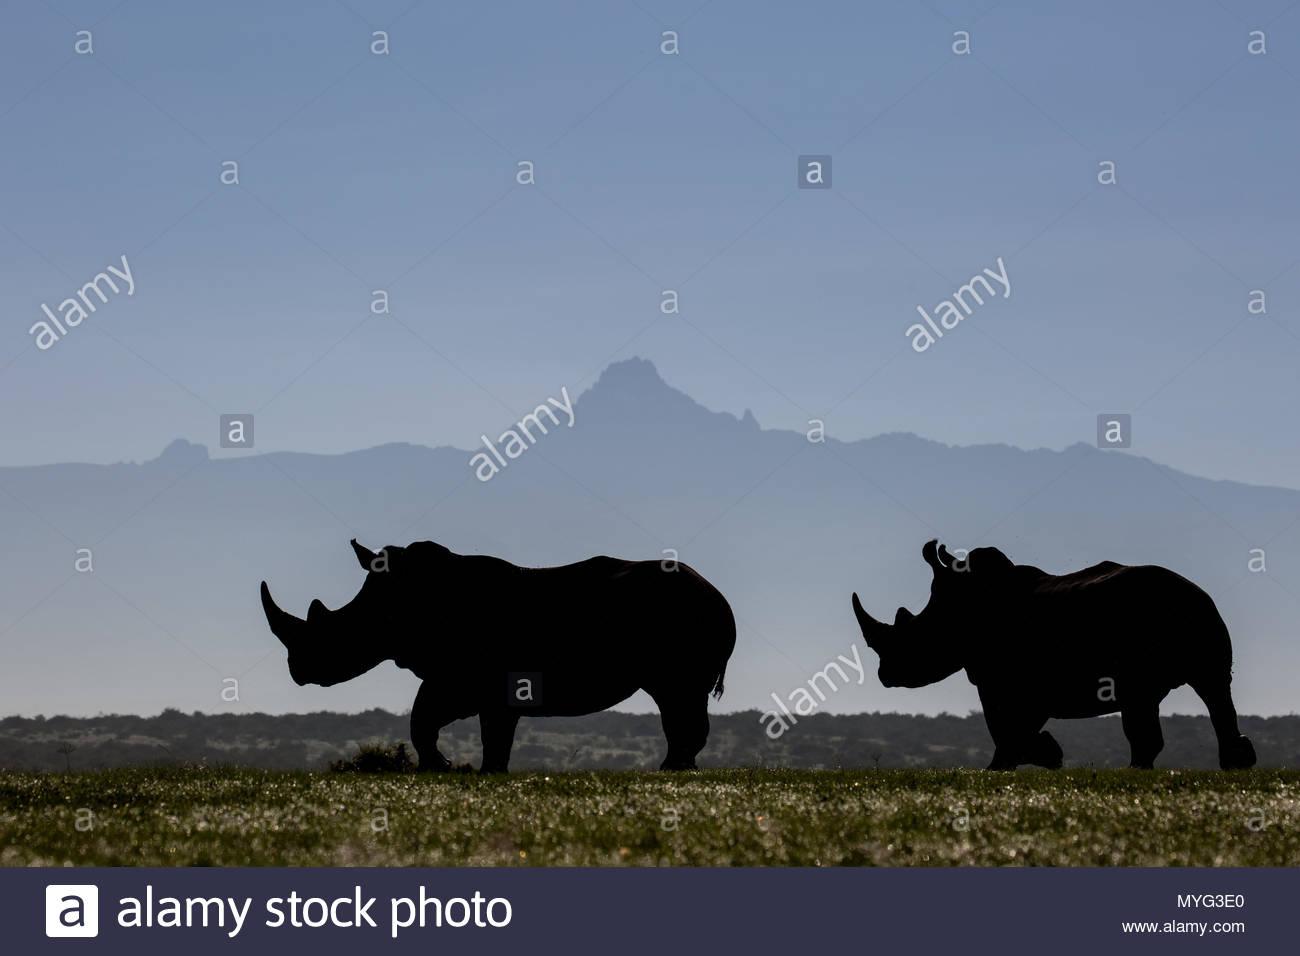 Zwei weiße Nashörner Silhouette gegen den Umriss des Mount Kenia an einem klaren Morgen. Stockbild